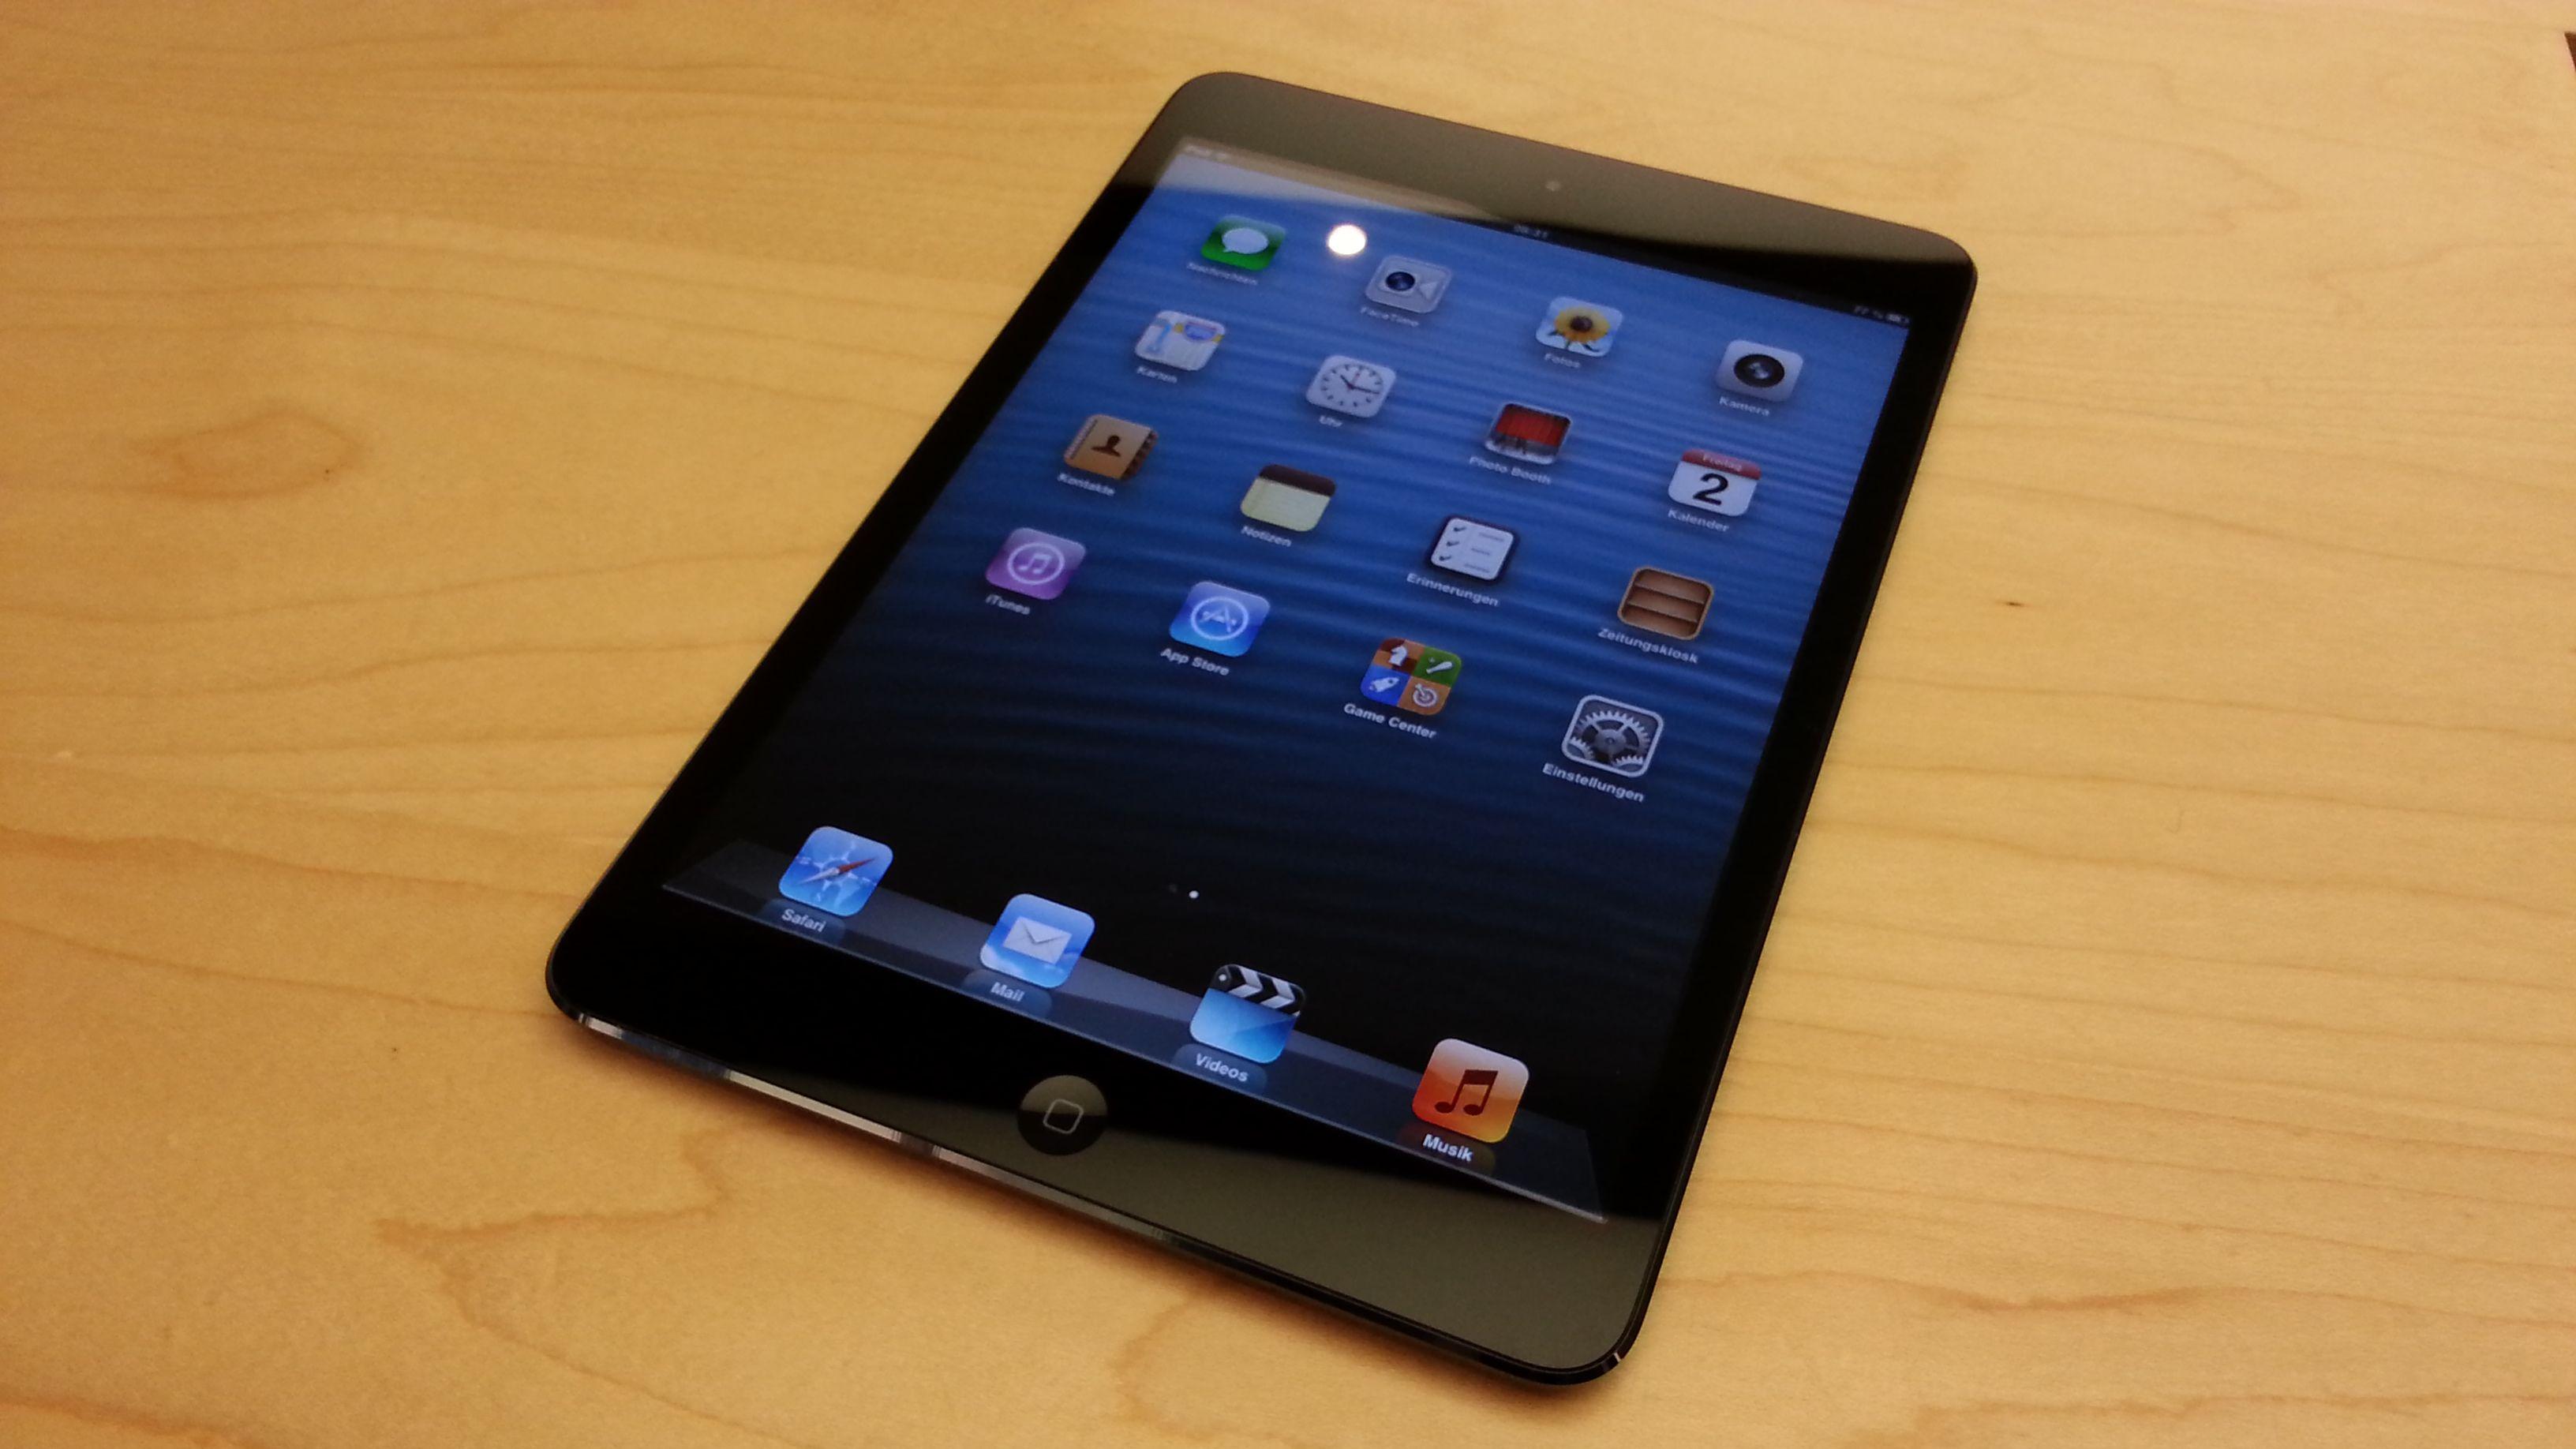 Apple iPad Mini & iPad 4 in 3 Tagen 3 Mio. Mal verkauft – iPad Mini praktisch ausverkauft